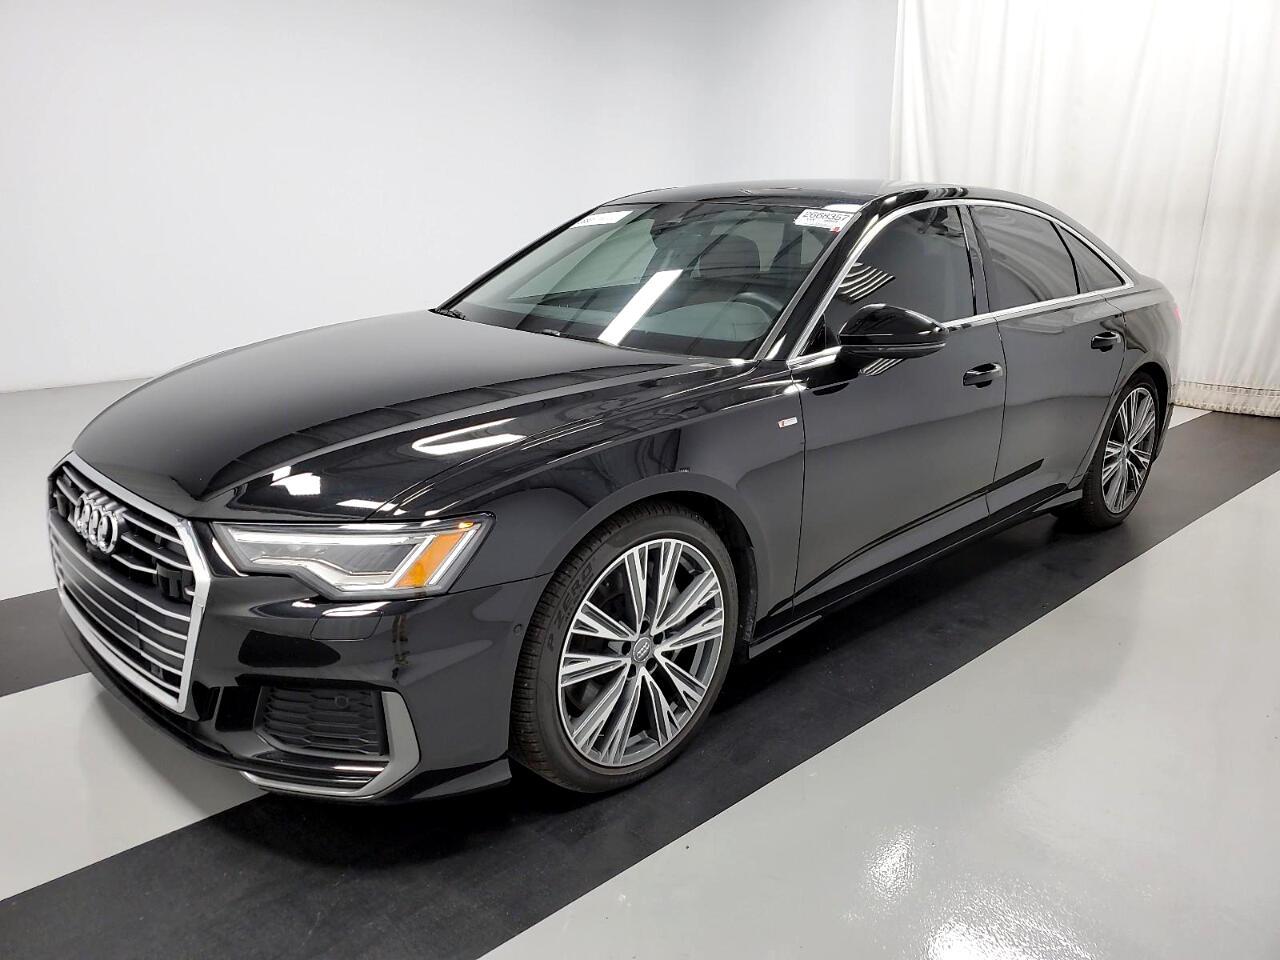 Audi A6 Premium Plus 55 TFSI quattro 2019